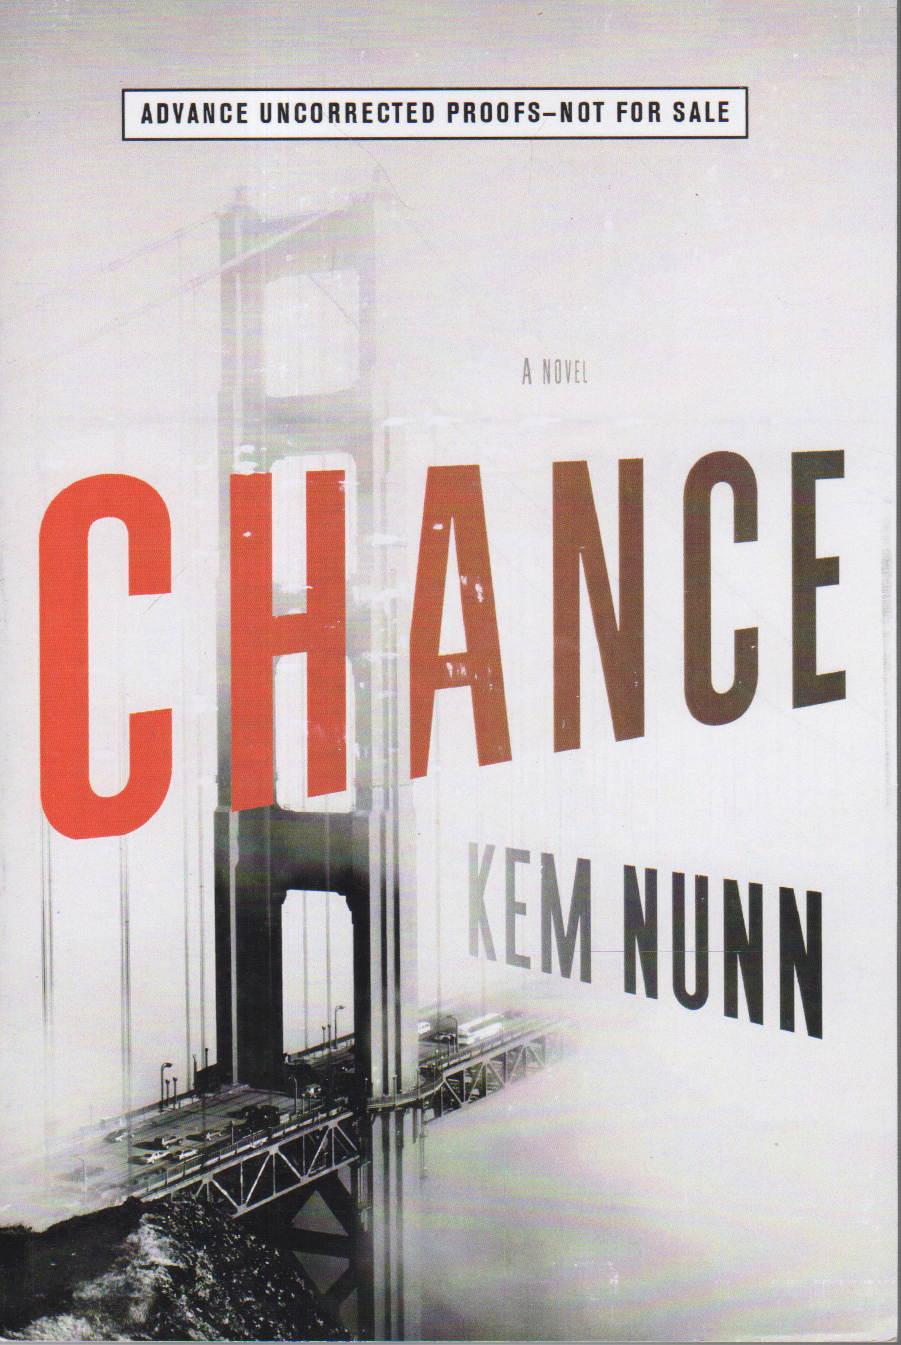 NUNN, KEM - CHANCE.